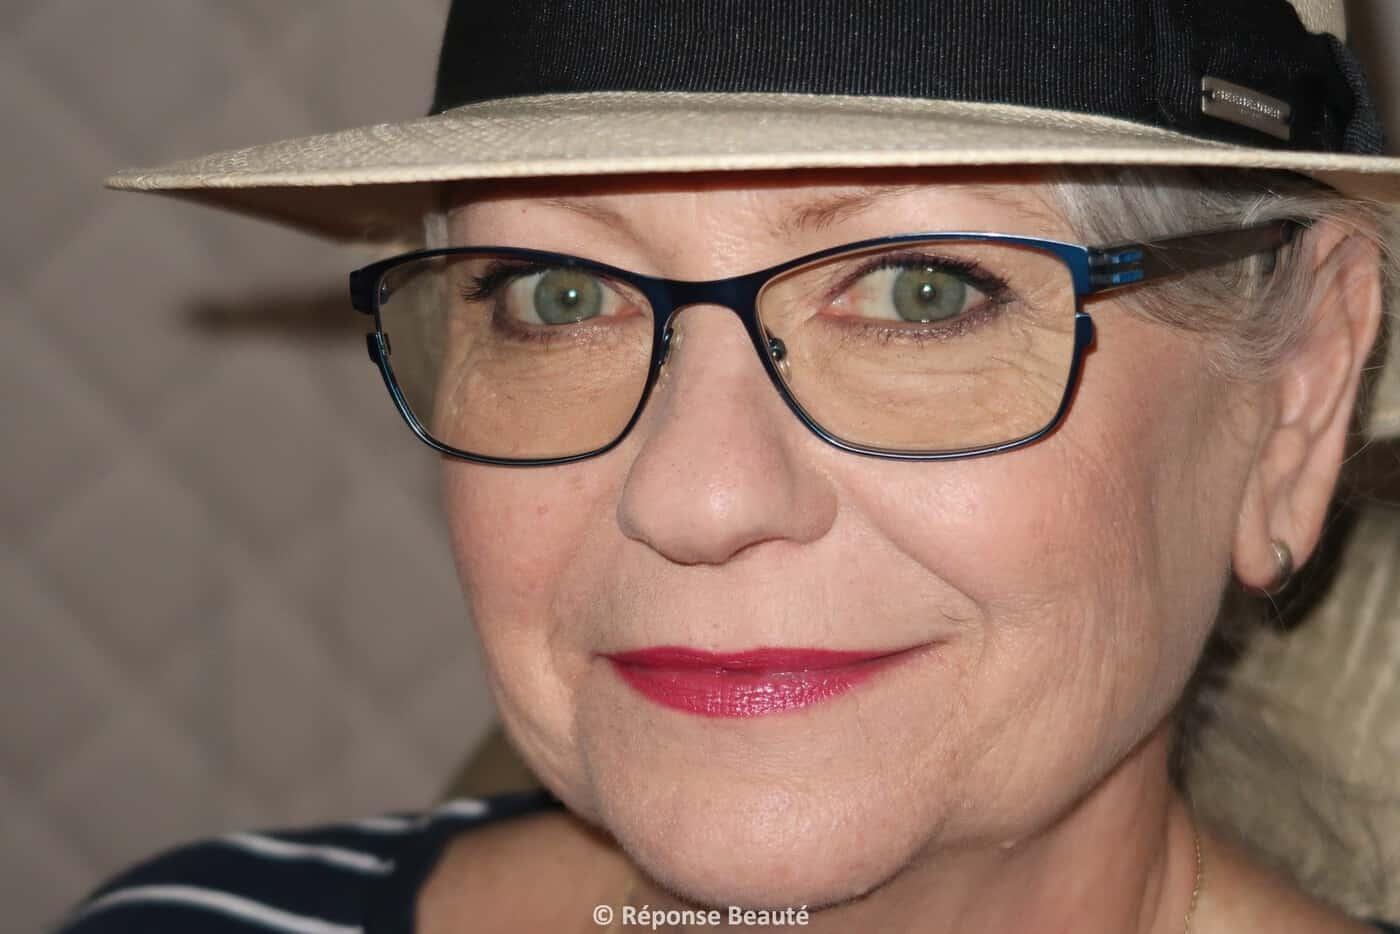 Maquillage de juillet 2019 - photo non retouchée - Réponse Beauté